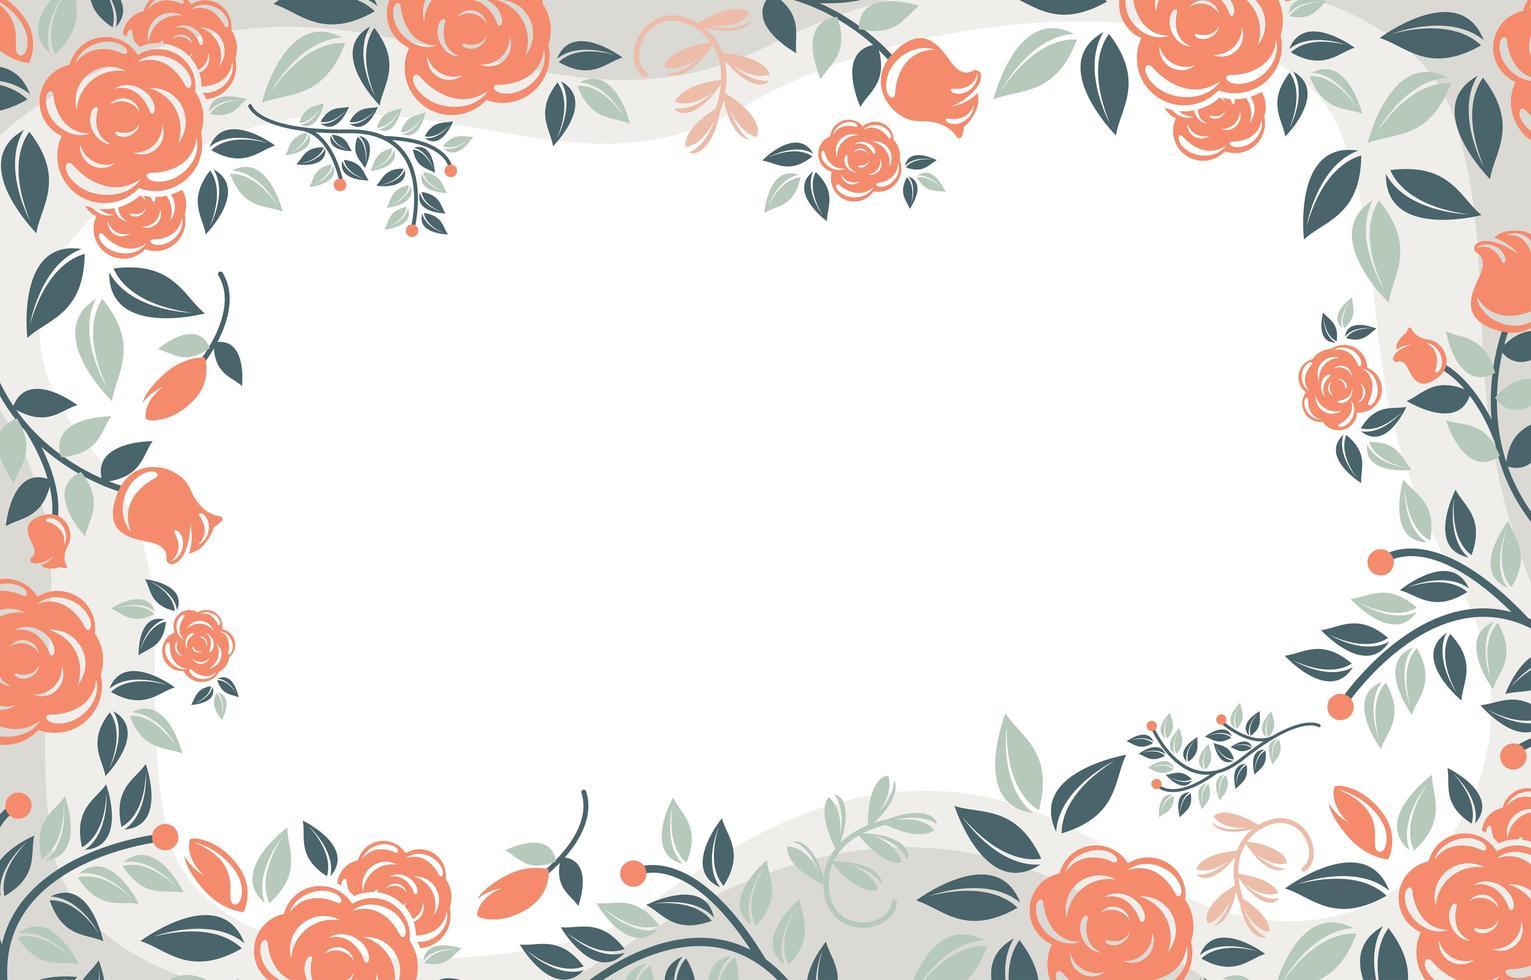 fondo floral simple en color pastel vector